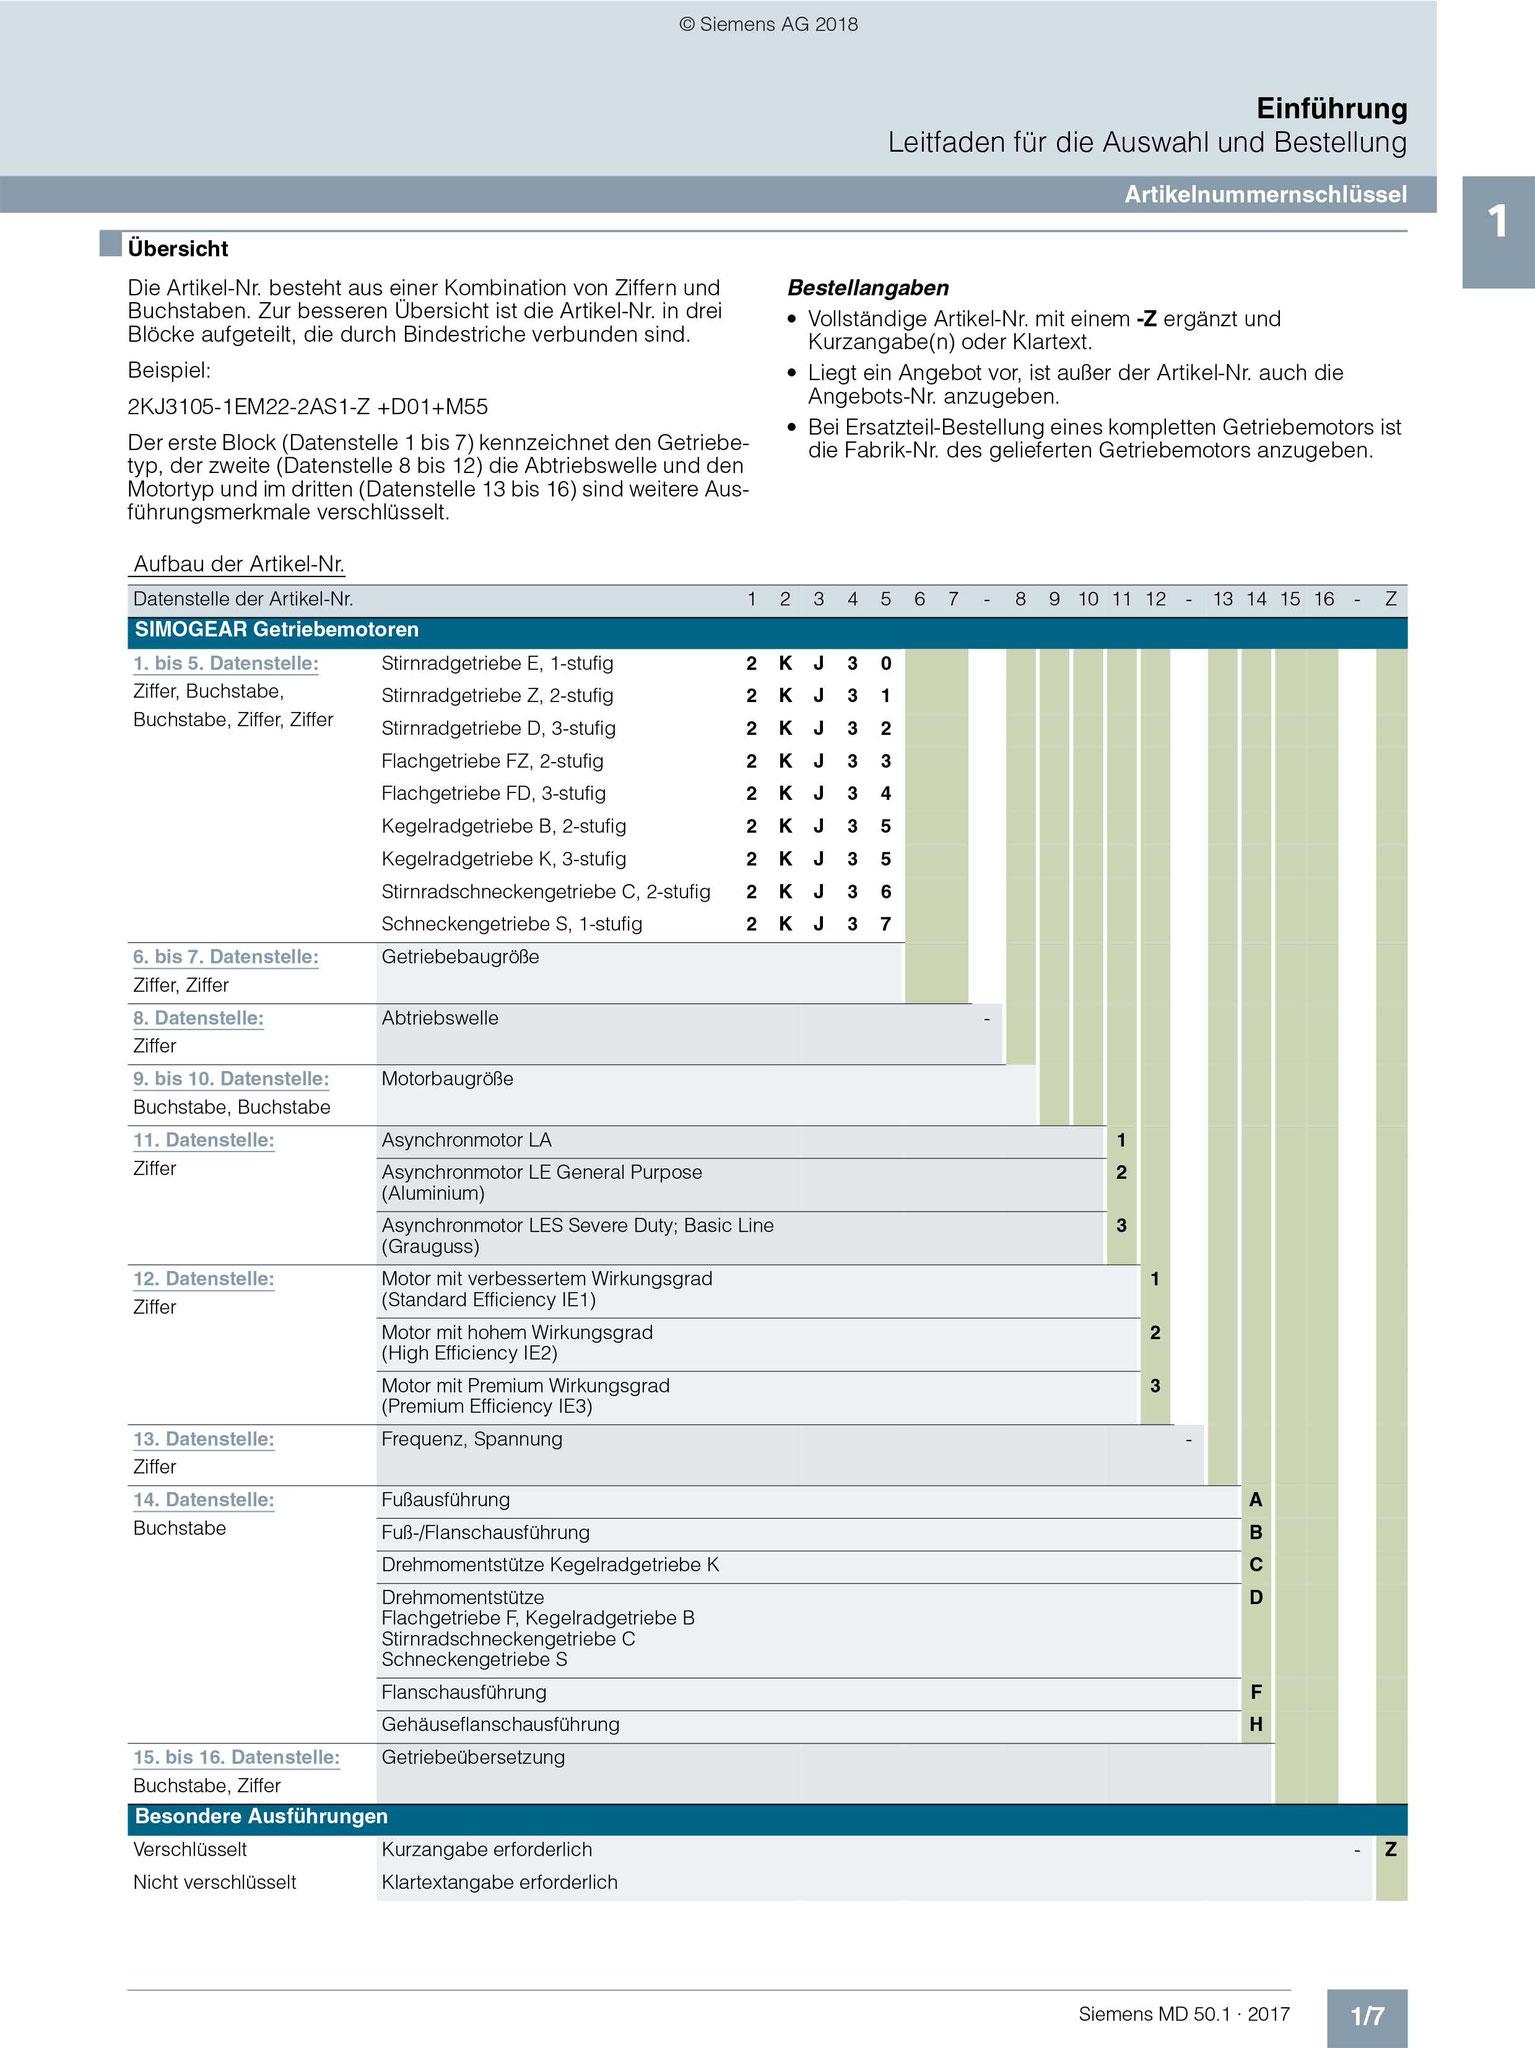 Siemens Katalog (MD 50.1): Artikelnummernschlüssel Übersicht © Siemens AG 2019, Alle Rechte vorbehalten